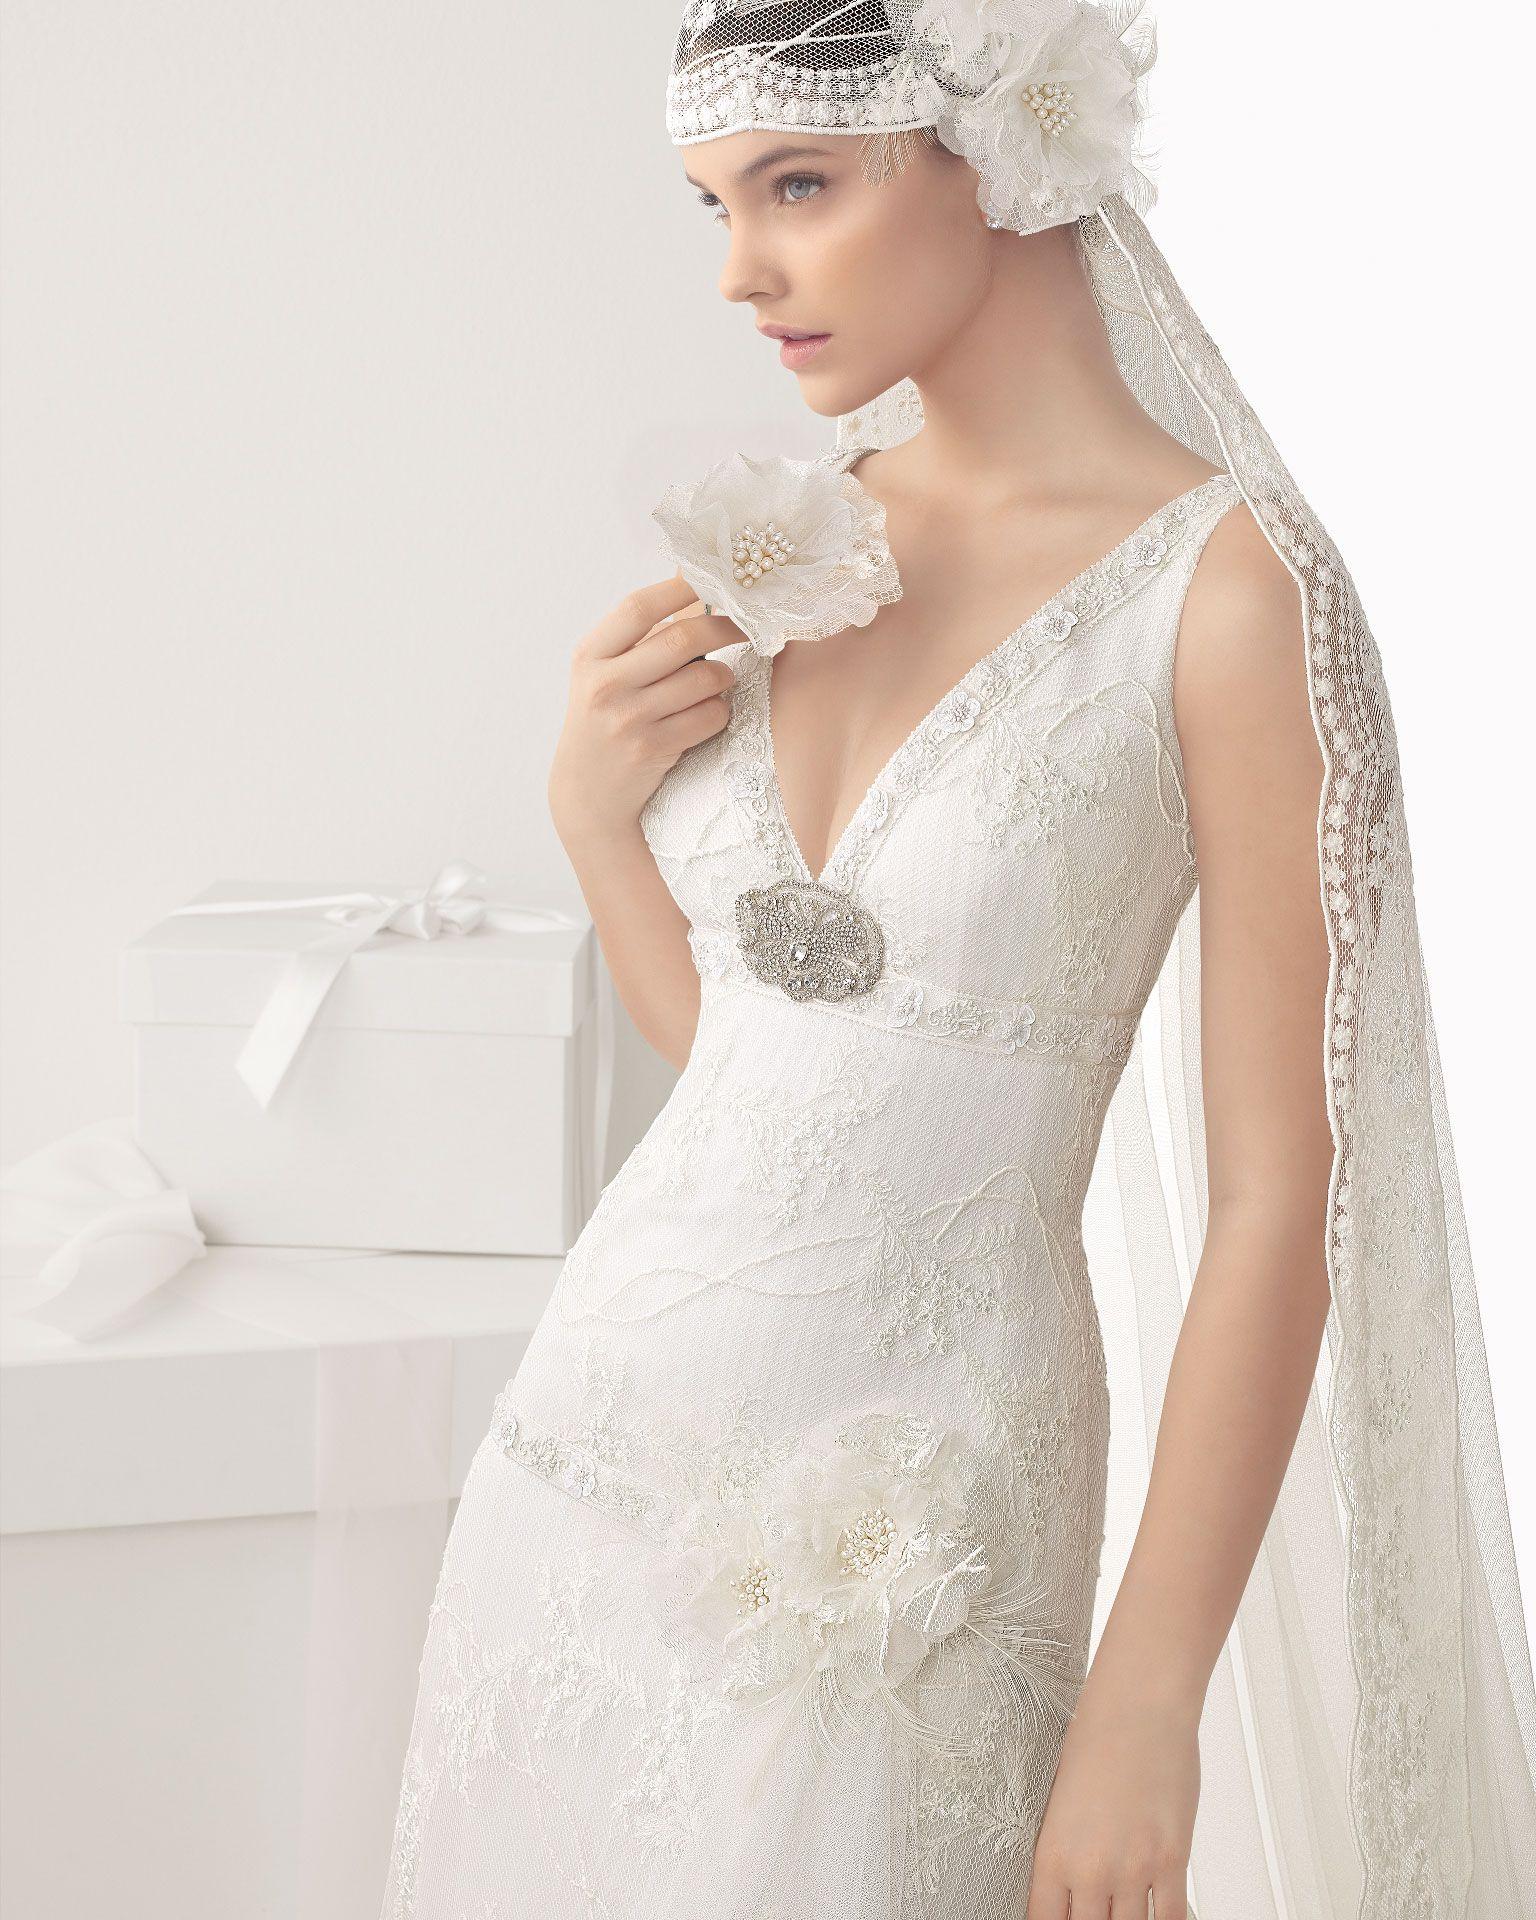 CALIMA - Vestido de tul bordado, en color marfilB14 Broche de ...